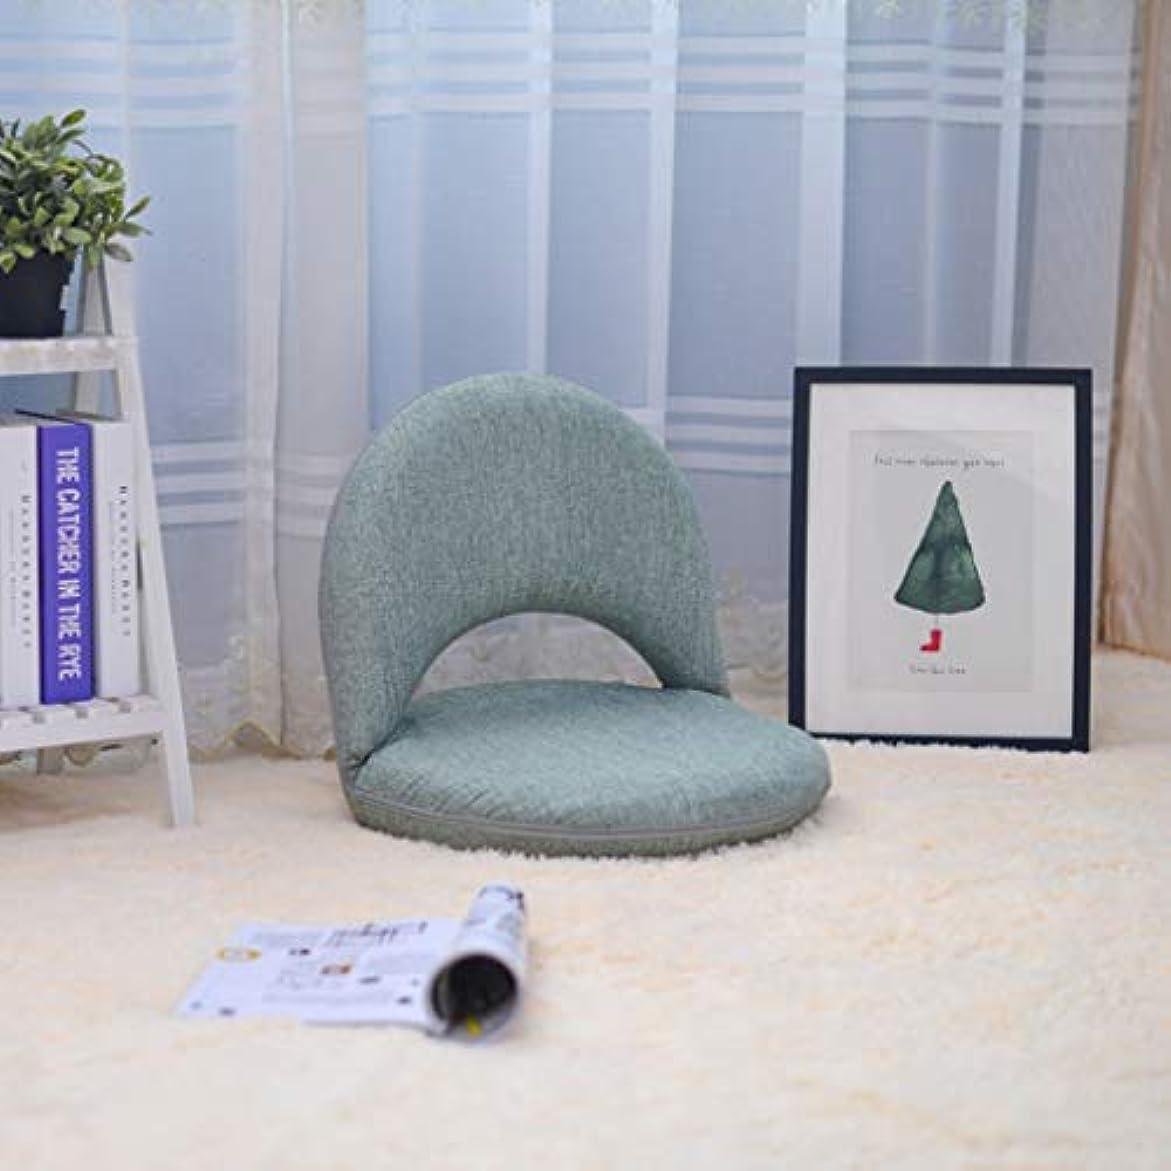 腕シンジケート声を出して瞑想、セミナー、読書、テレビ鑑賞用の調節可能な背もたれ付きリビングルーム用家具レジャーチェア付きパッド入りフロアチェア (色 : Green)